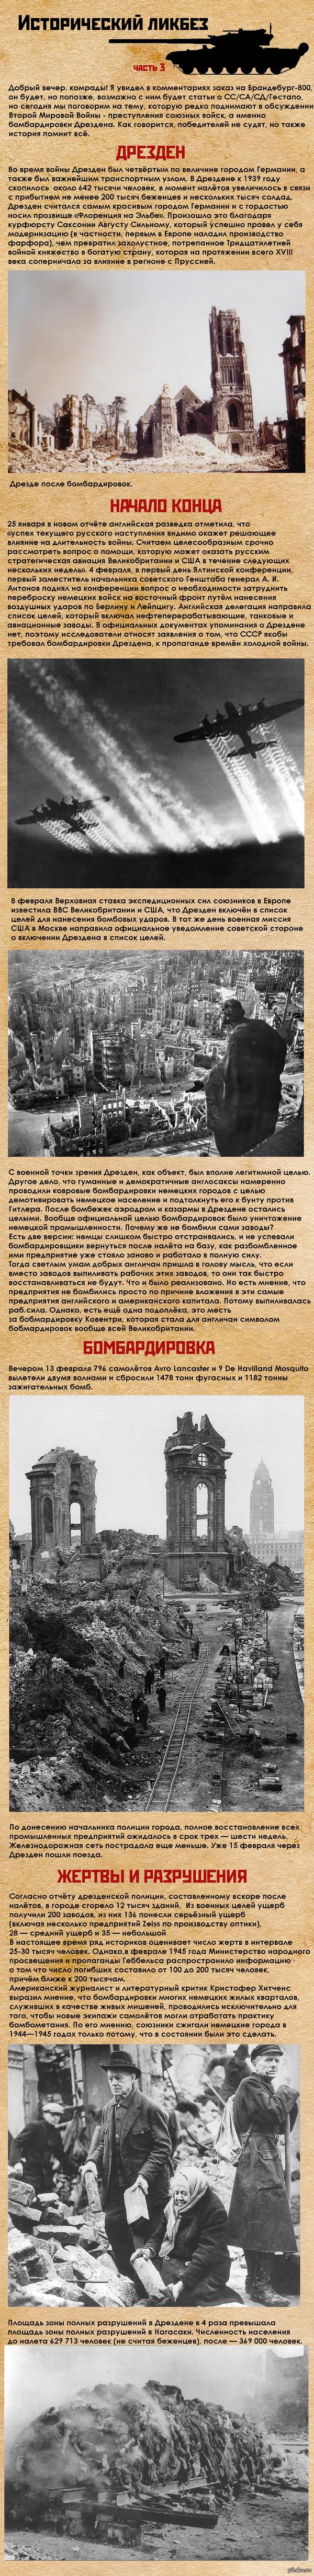 Исторический ликбез, часть 3  Бомбардировка Дрездена